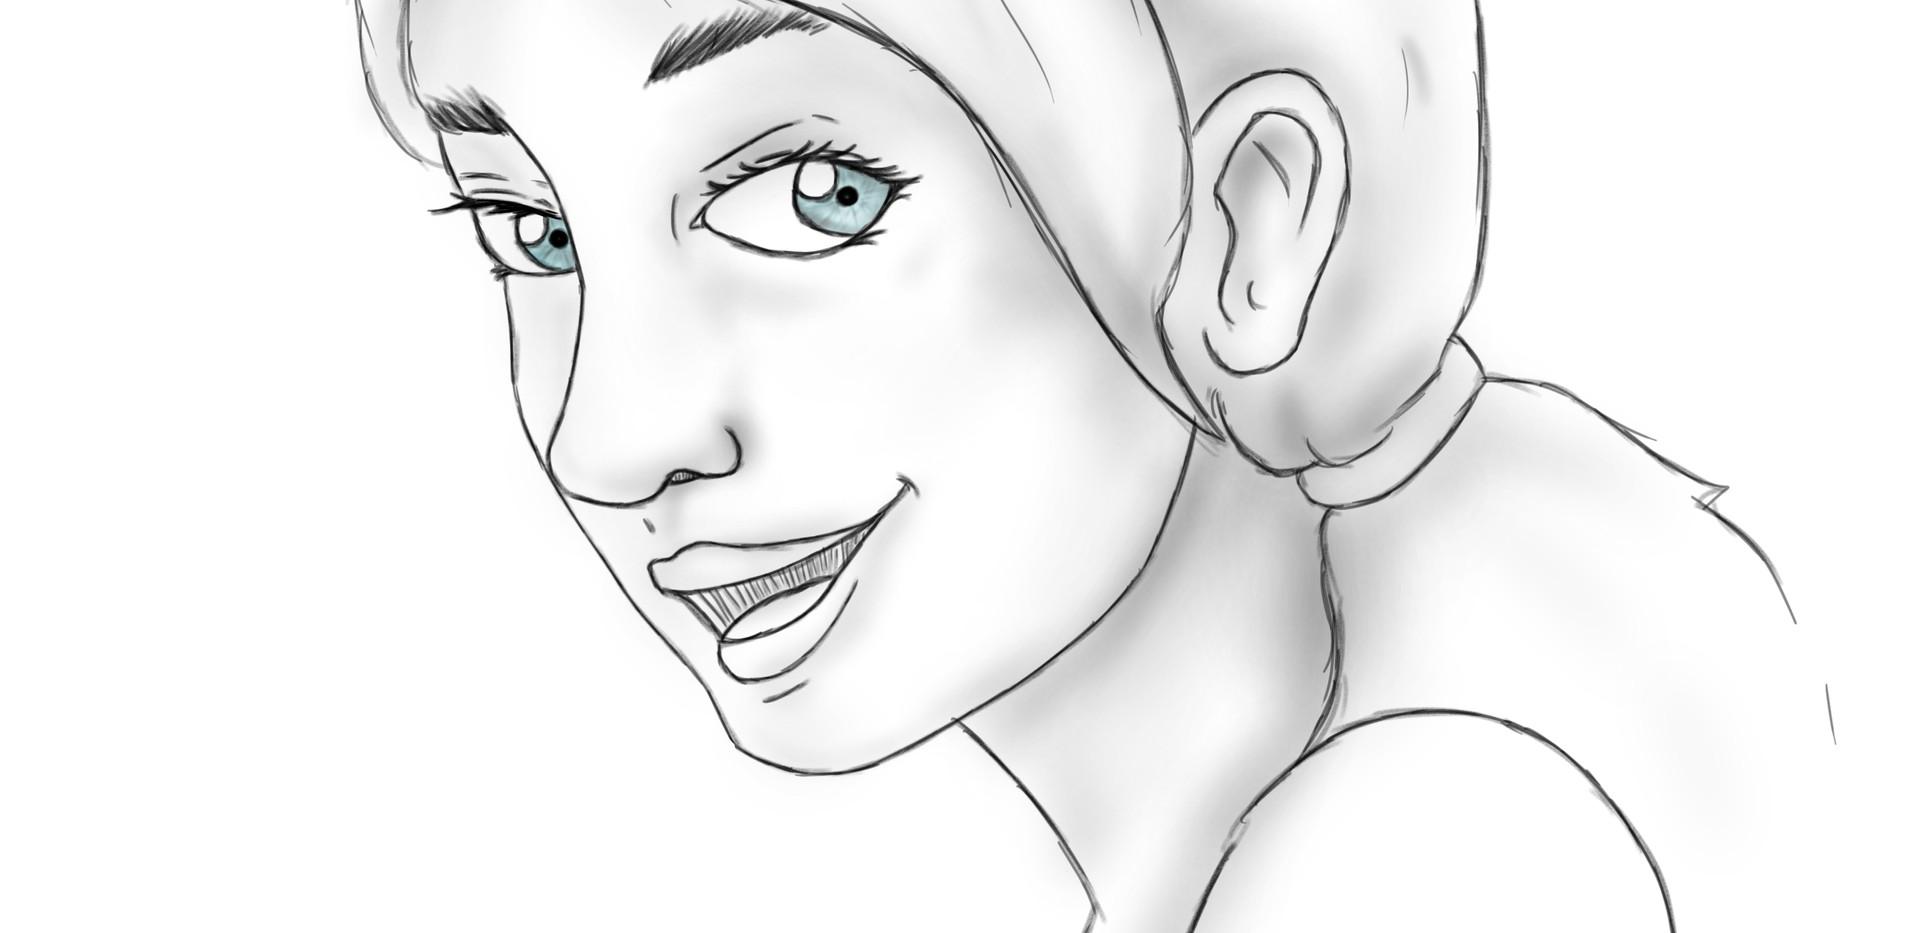 Marlene - Character Design